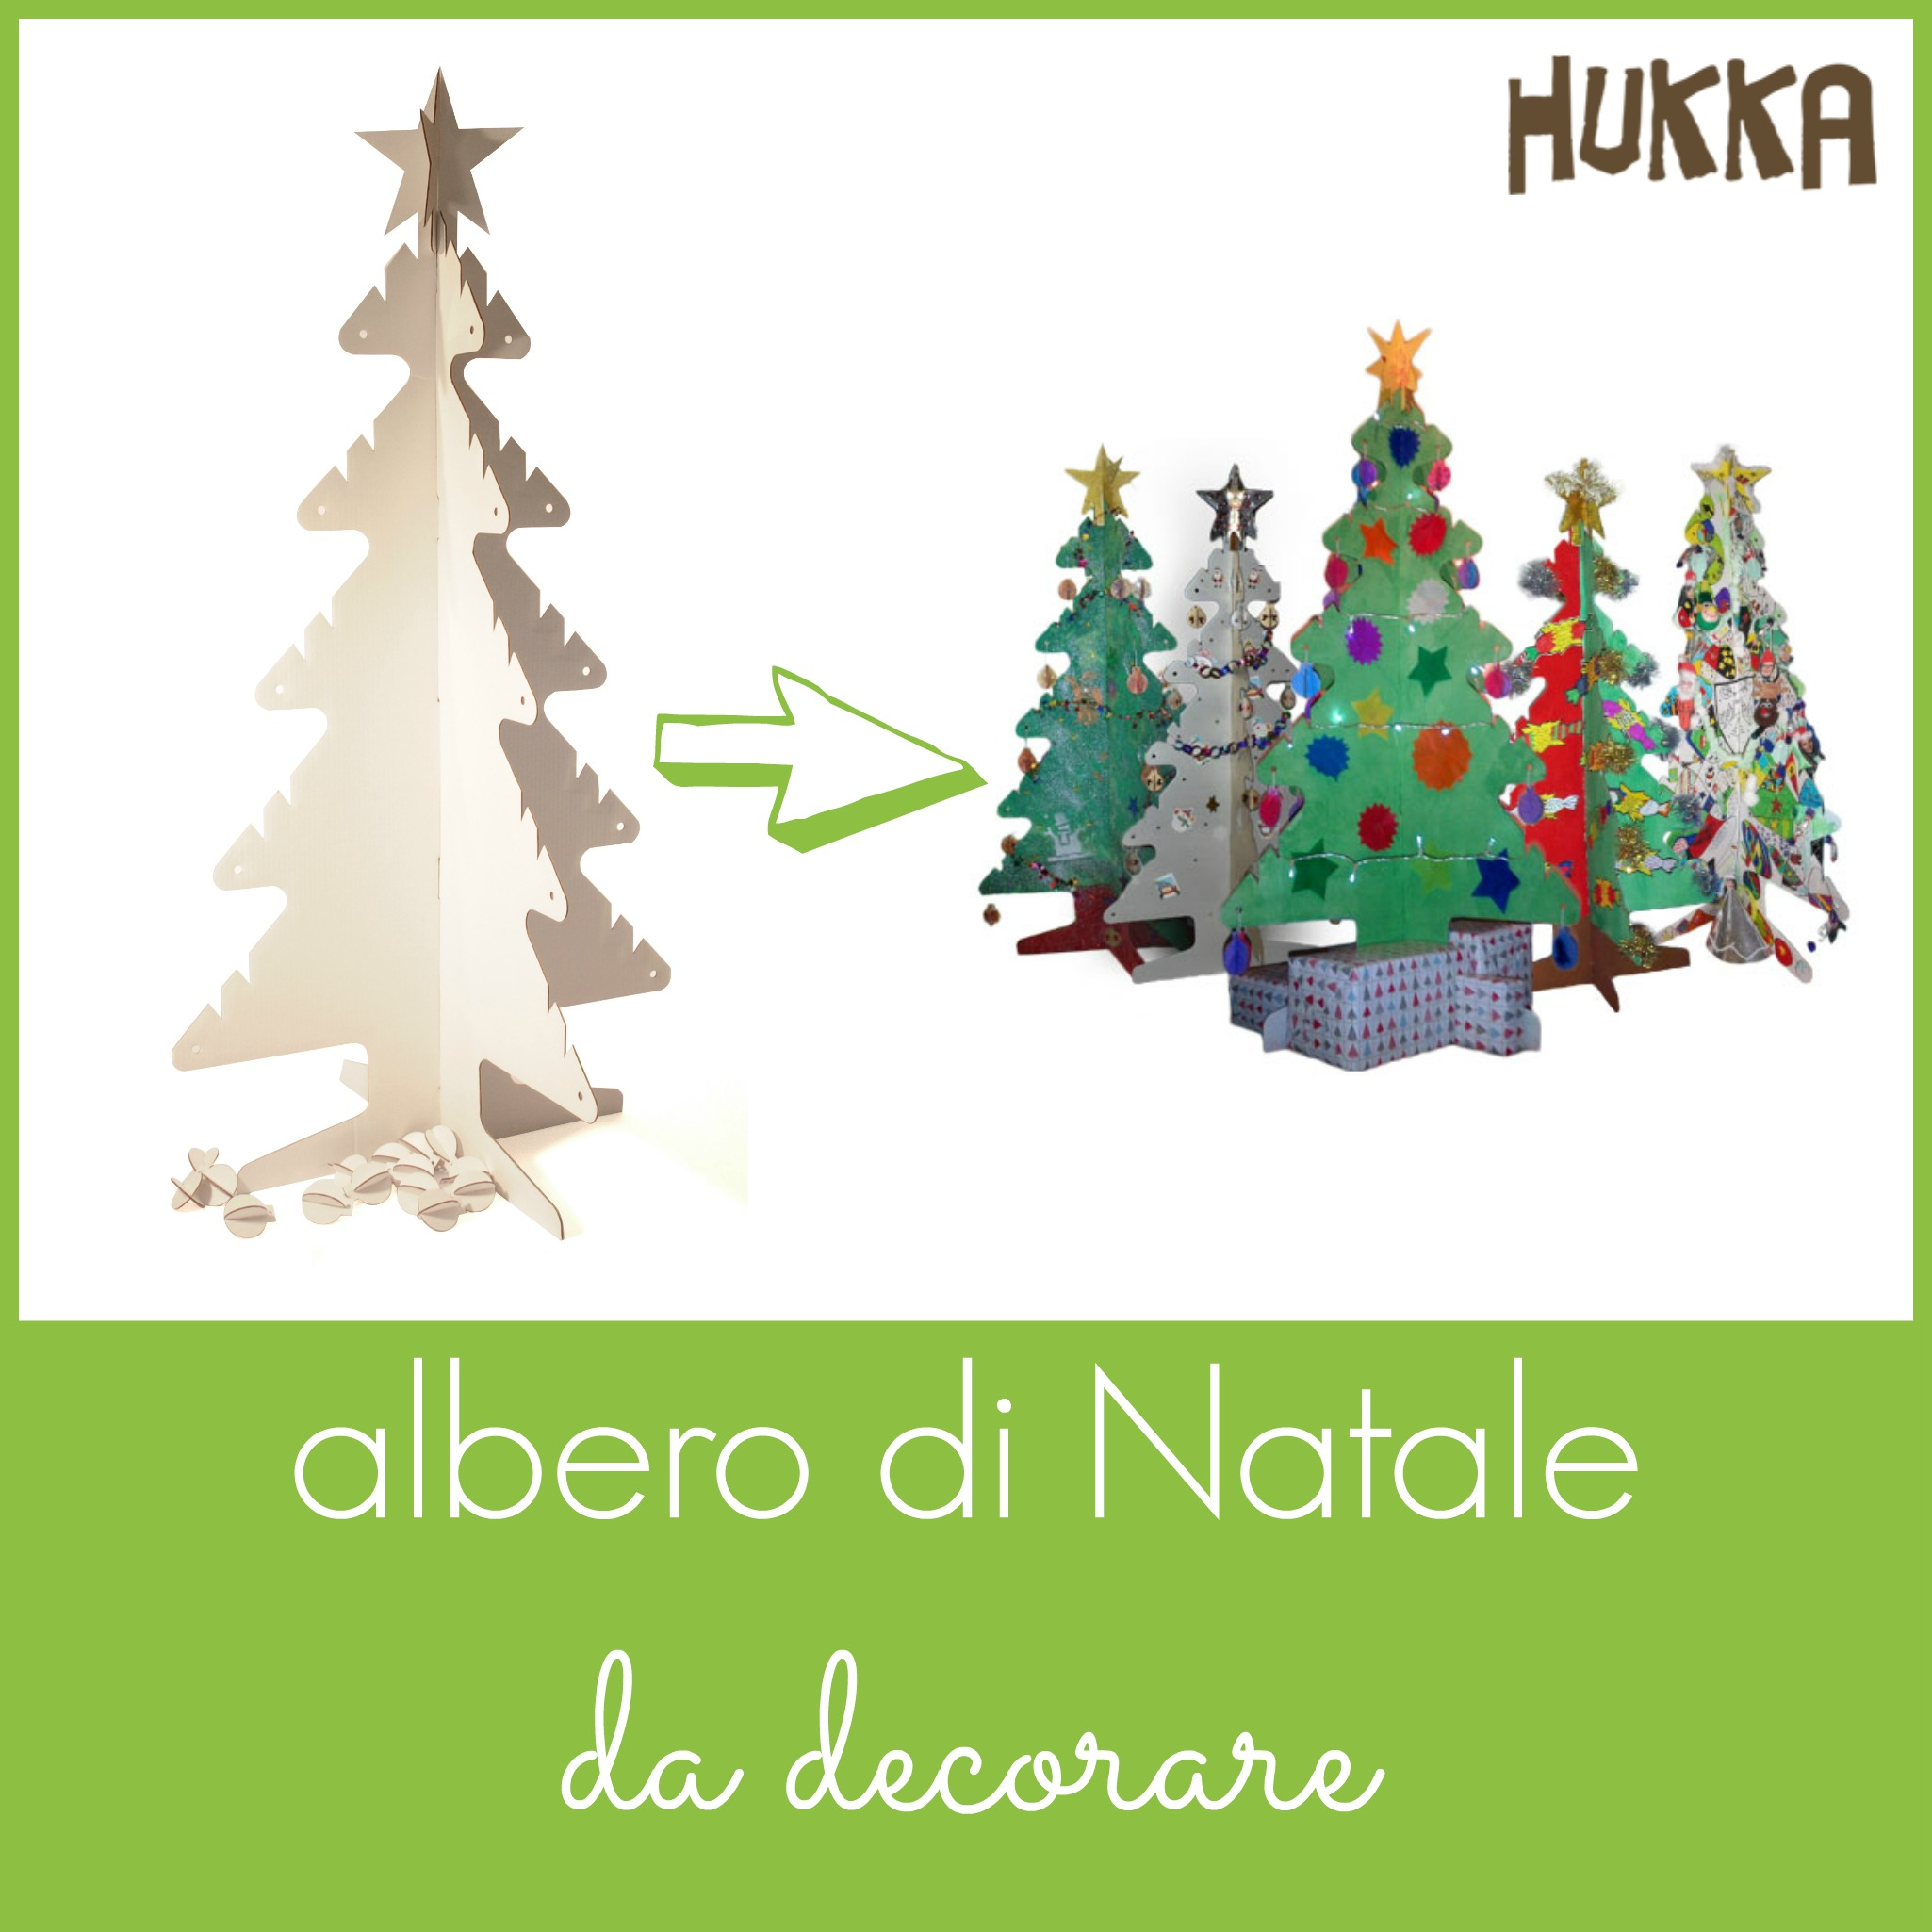 albero-di-natale-da-decorare